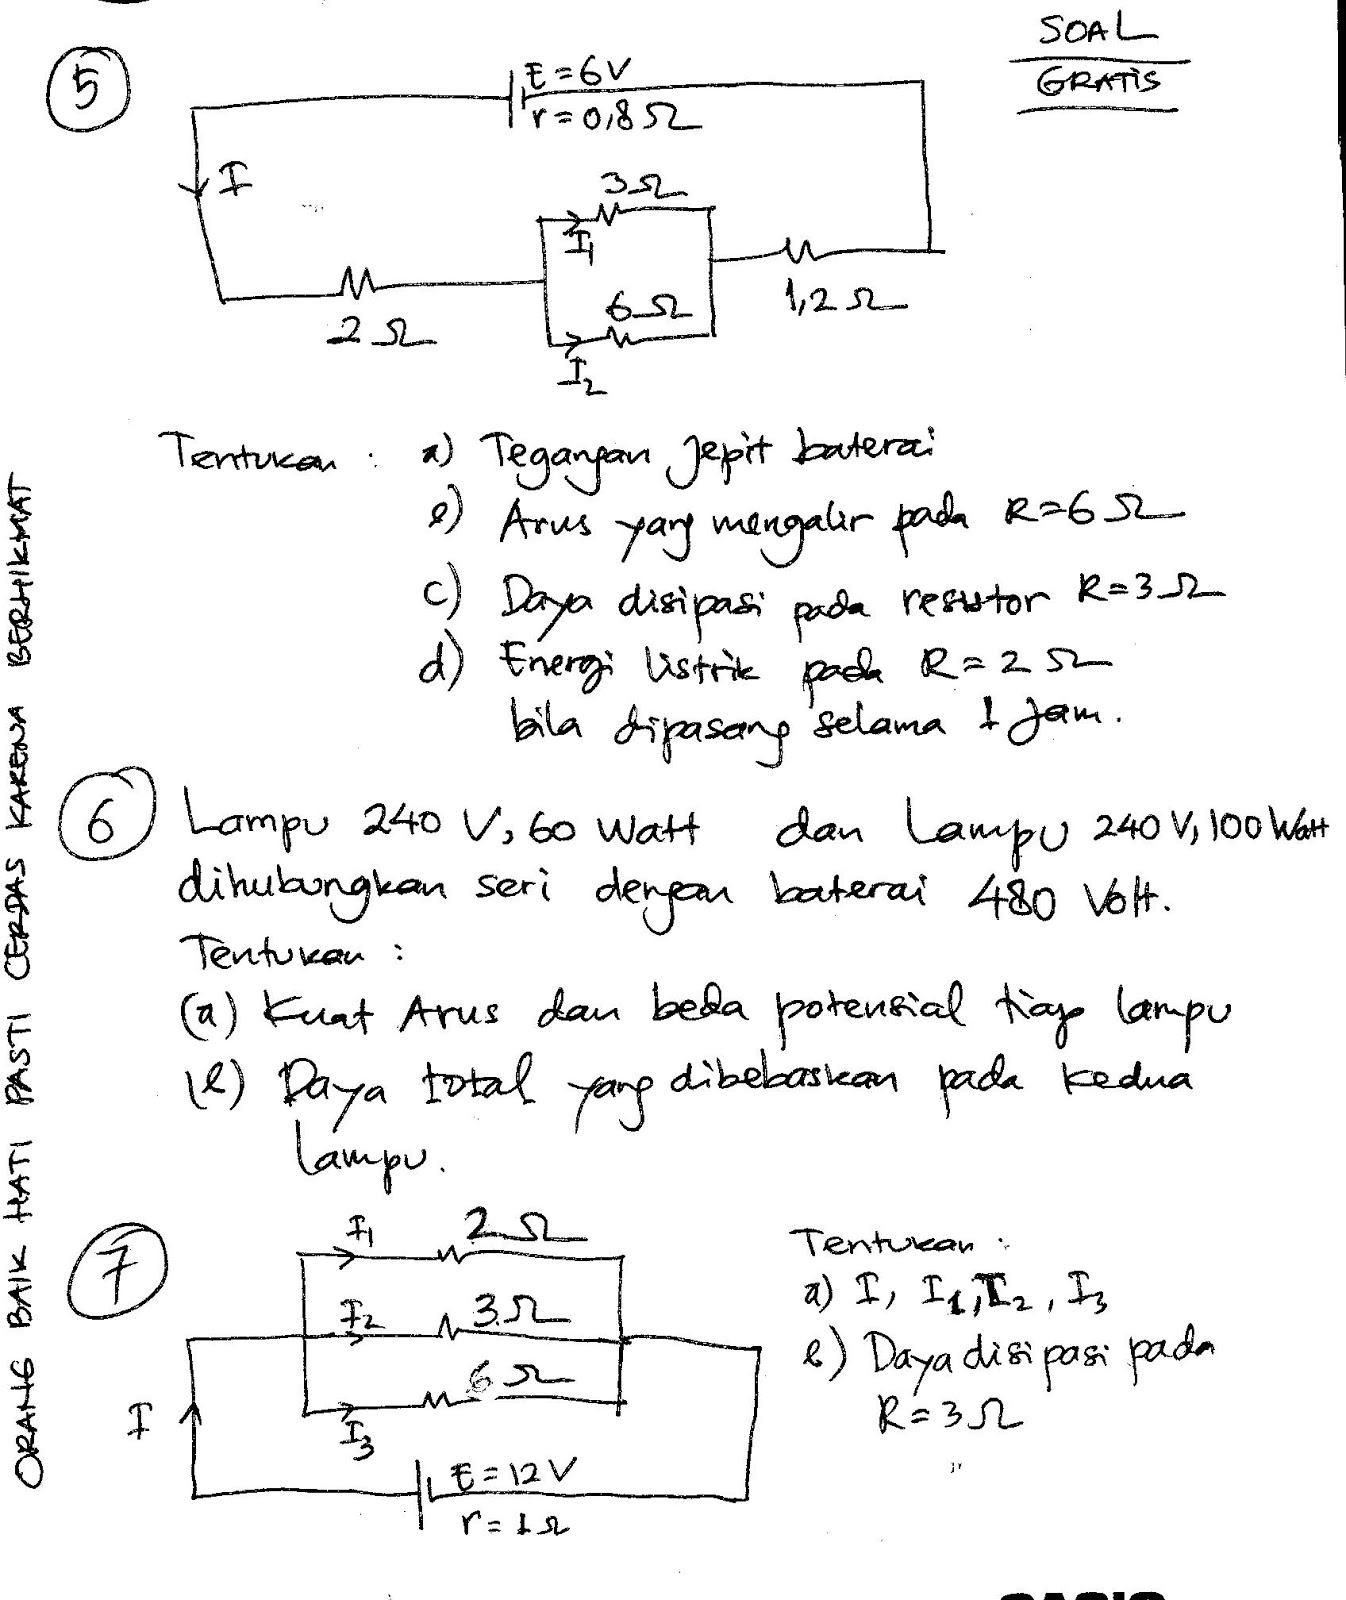 Rkh Tematik Contoh Rkh Sentra Persiapan Paud Tema Binatang 1346 X 1600 Jpeg 272kb Soal Uas Tematik Kelas 2 Sd Tema 2 Sub Tema 2